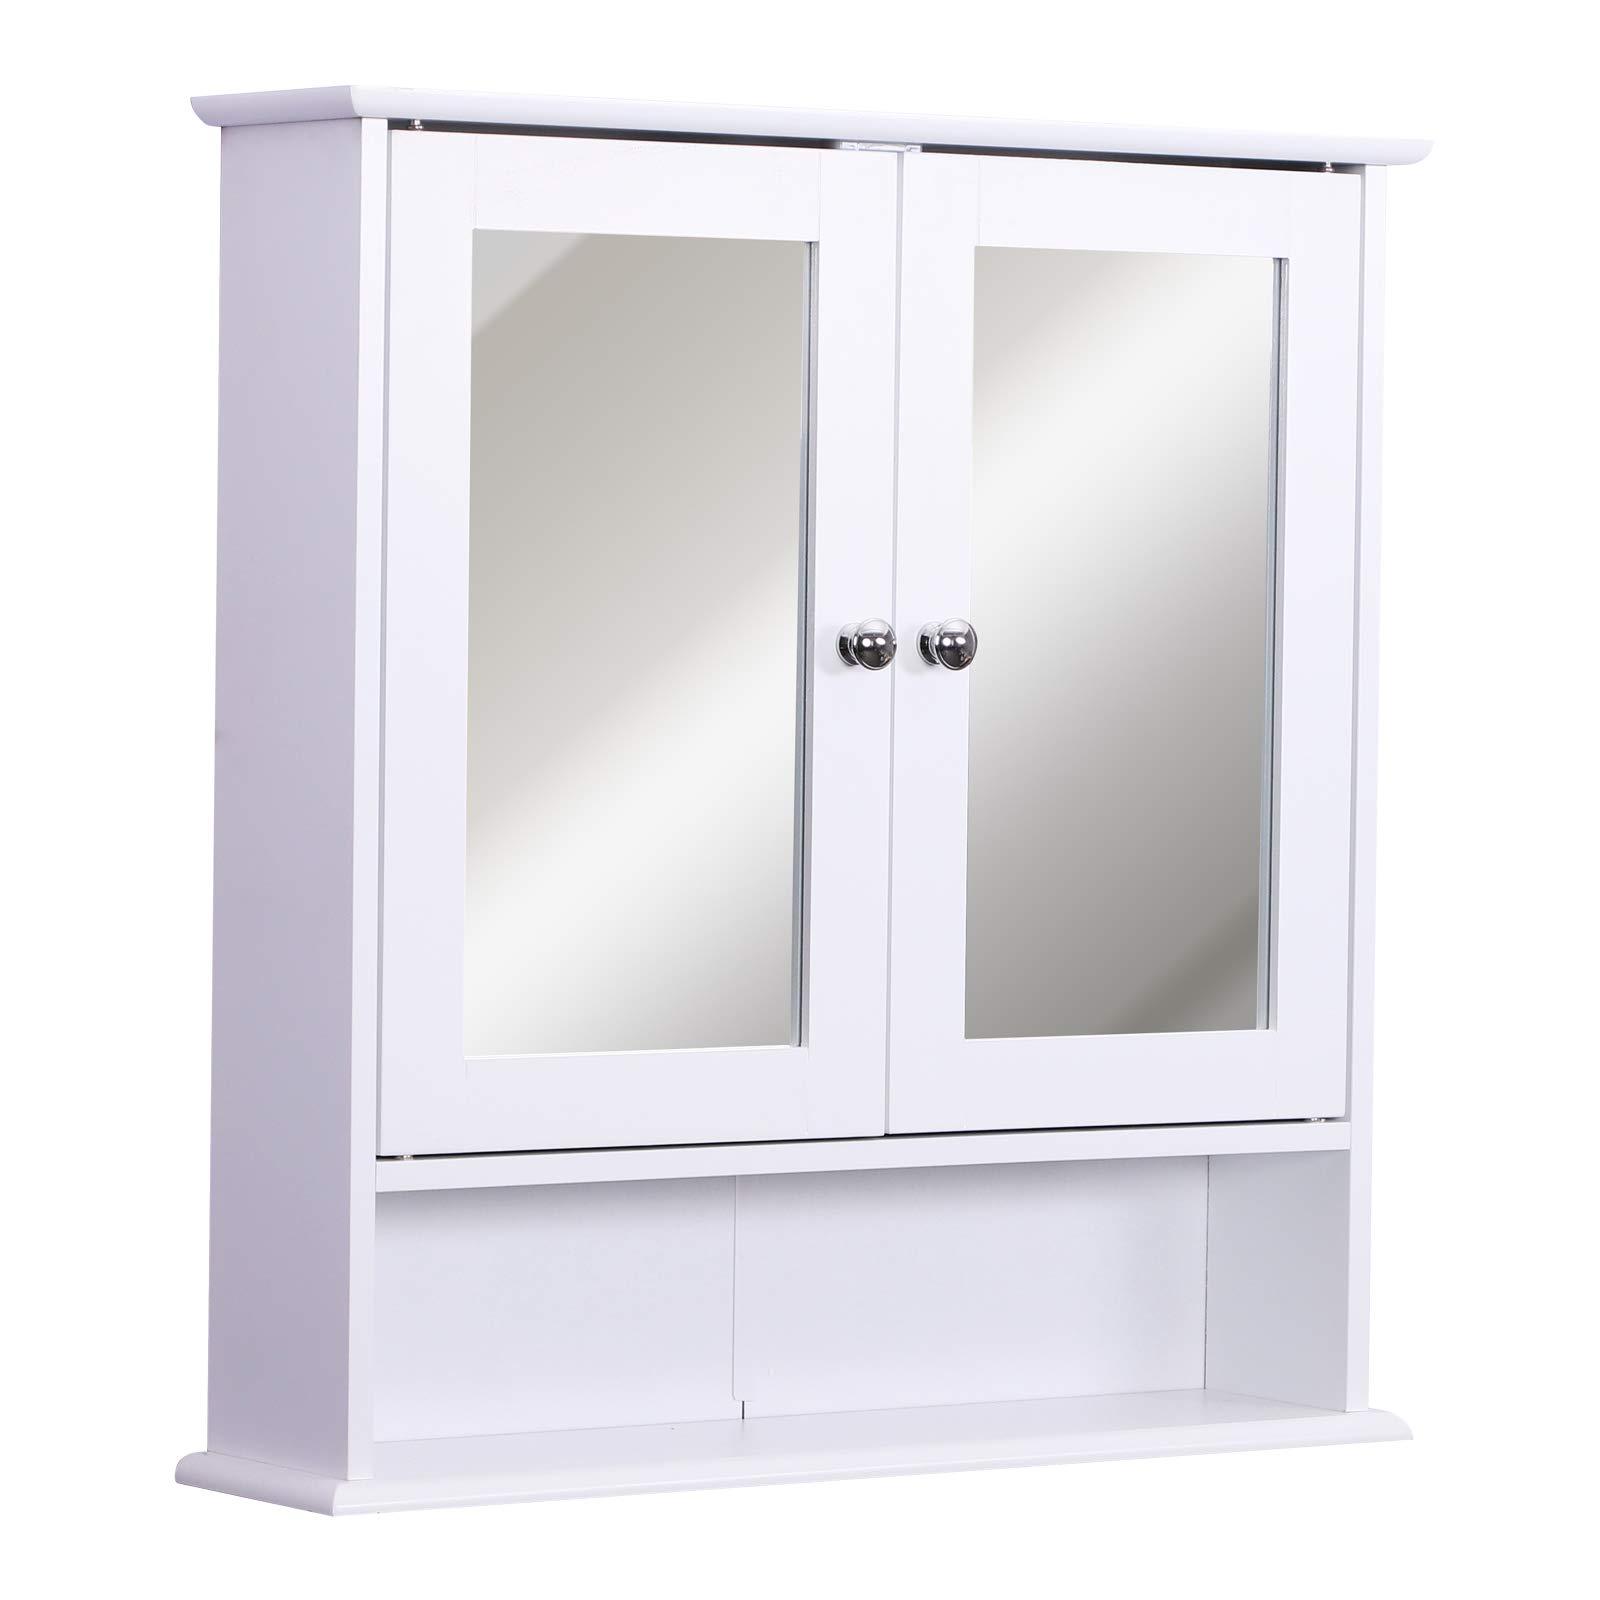 kleankin Armario de Baño con Espejo de Pared con 2 Puertas Armario de 3 Niveles para Almacenamiento Armario de Pared…